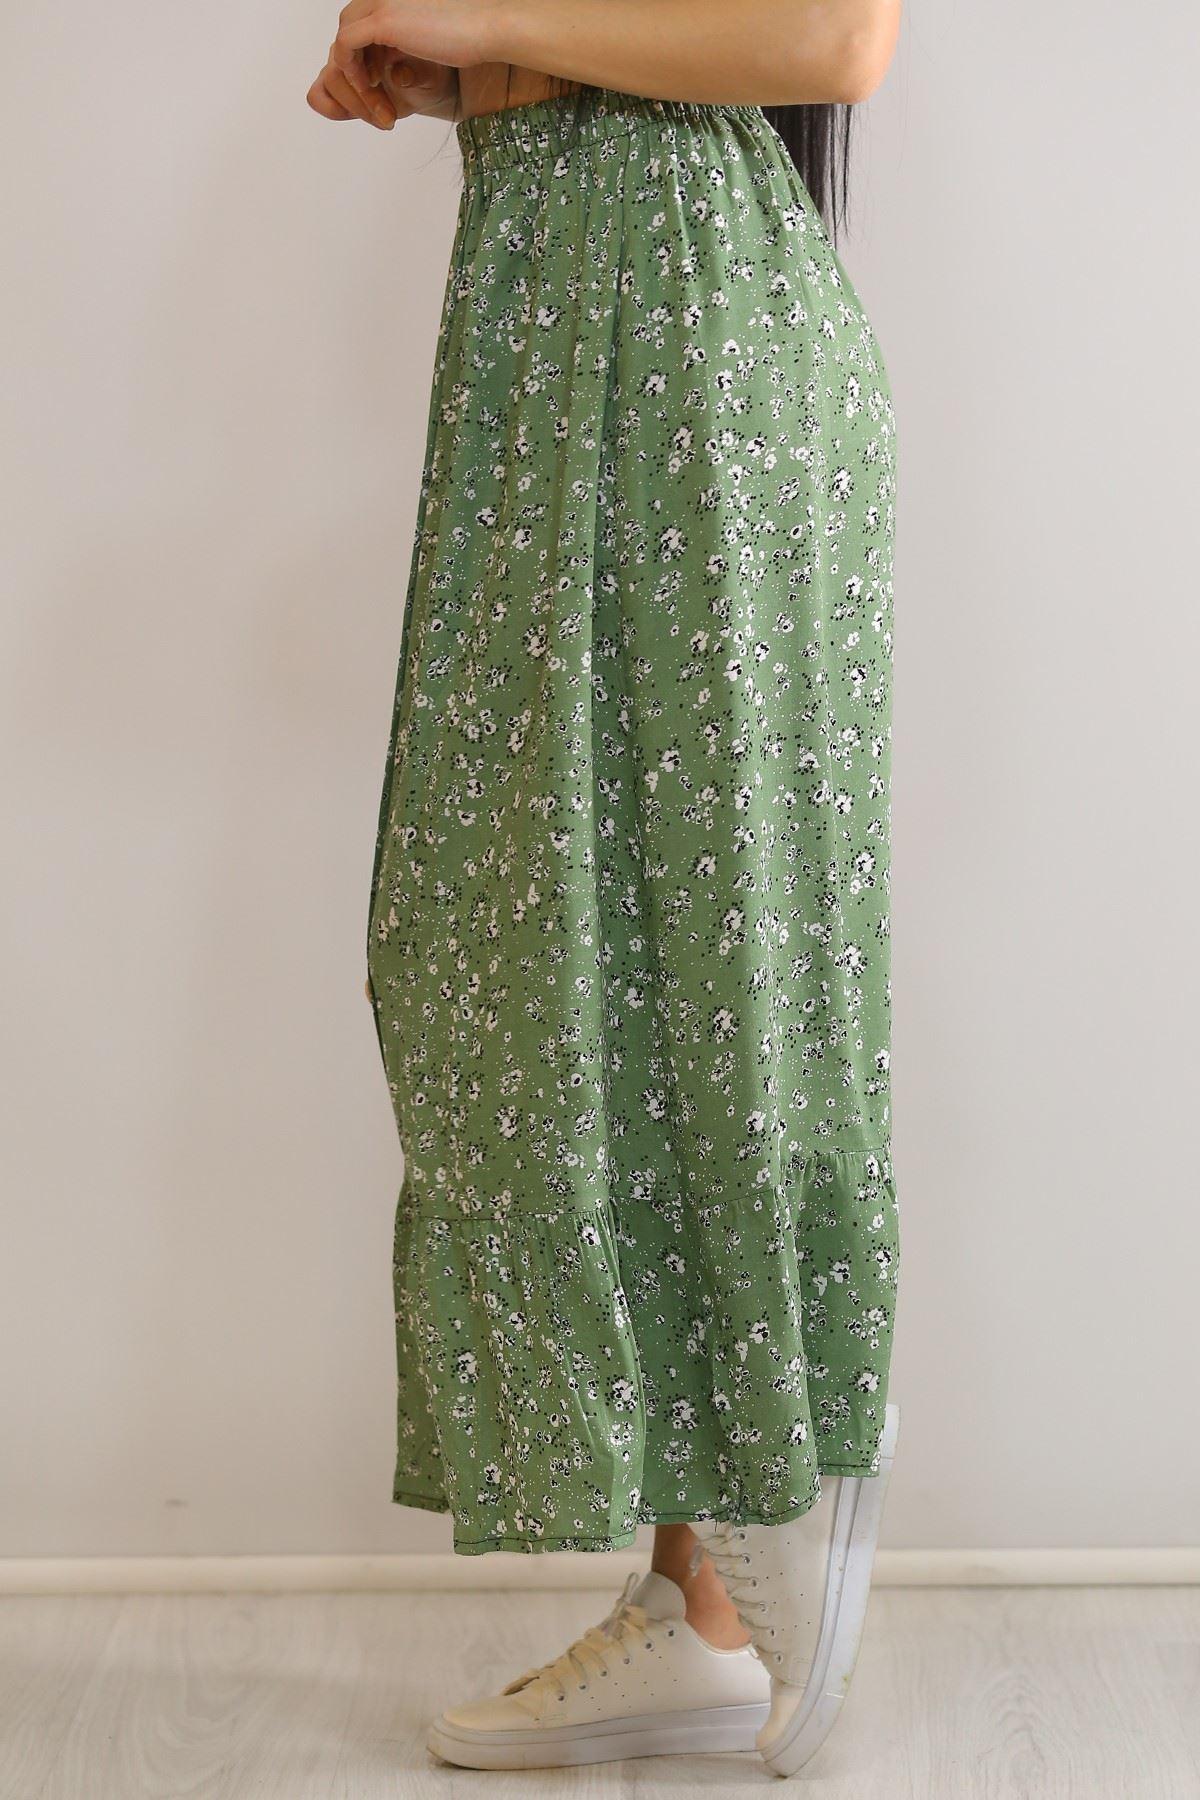 Düğmeli Uzun Etek Yeşil - 5944.701.